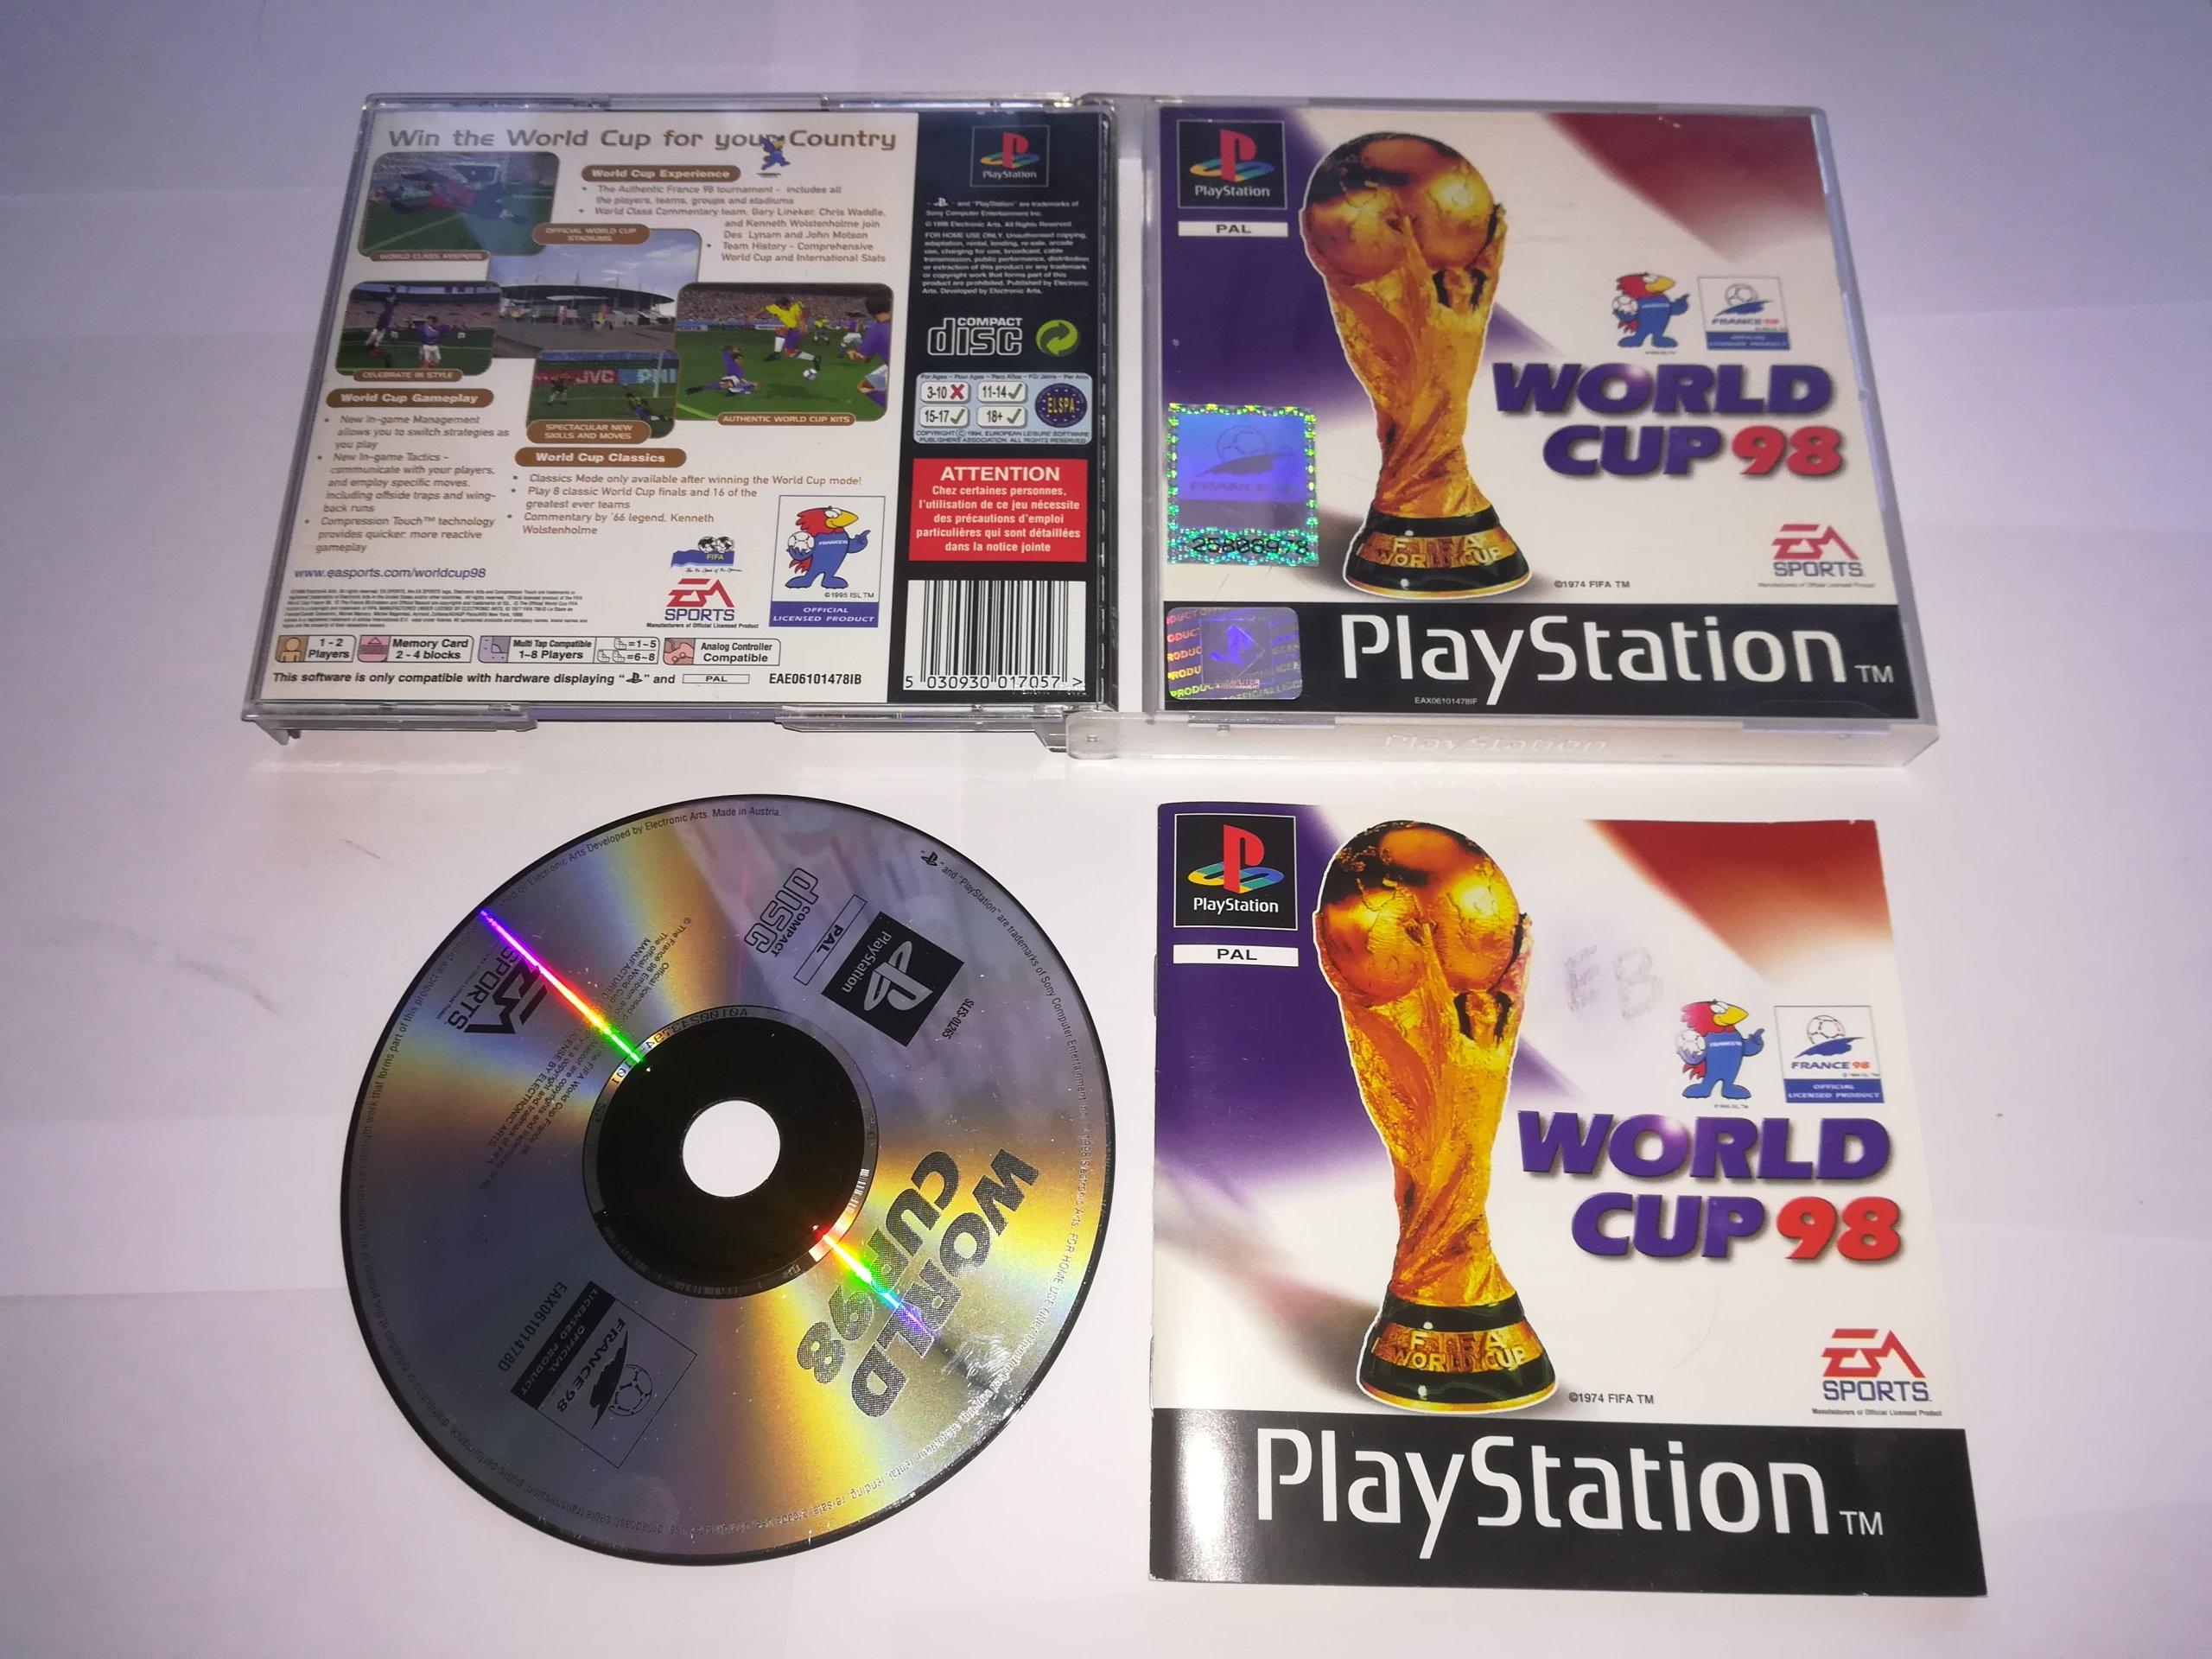 41d67cdcf WORLD CUP 98 SKLEP GWARANCJA - 7175674768 - oficjalne archiwum allegro